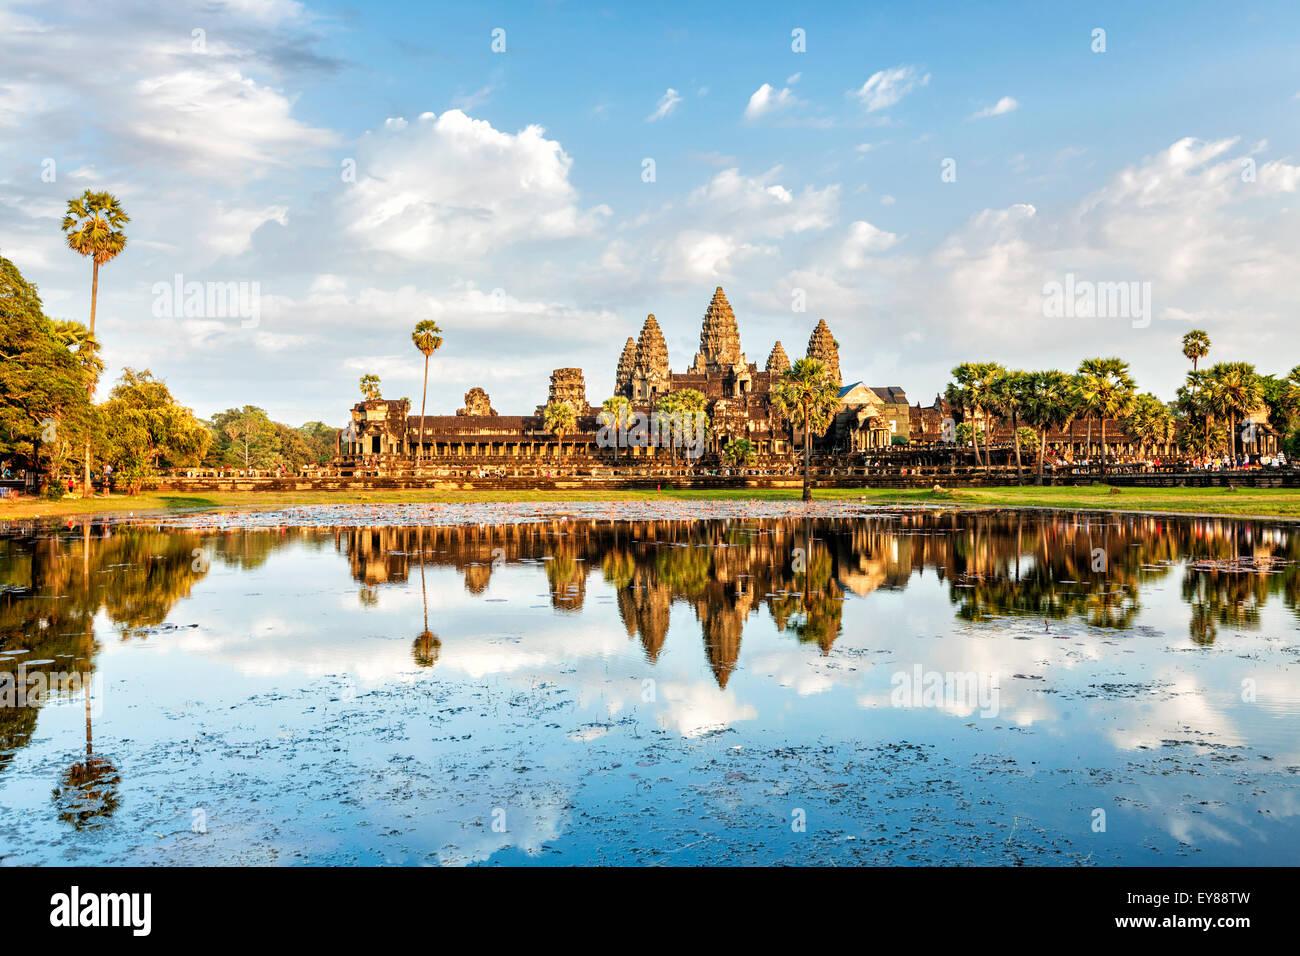 Hito de Camboya Angkor Wat con reflejo en el agua en el atardecer. En Siem Reap, Camboya Imagen De Stock